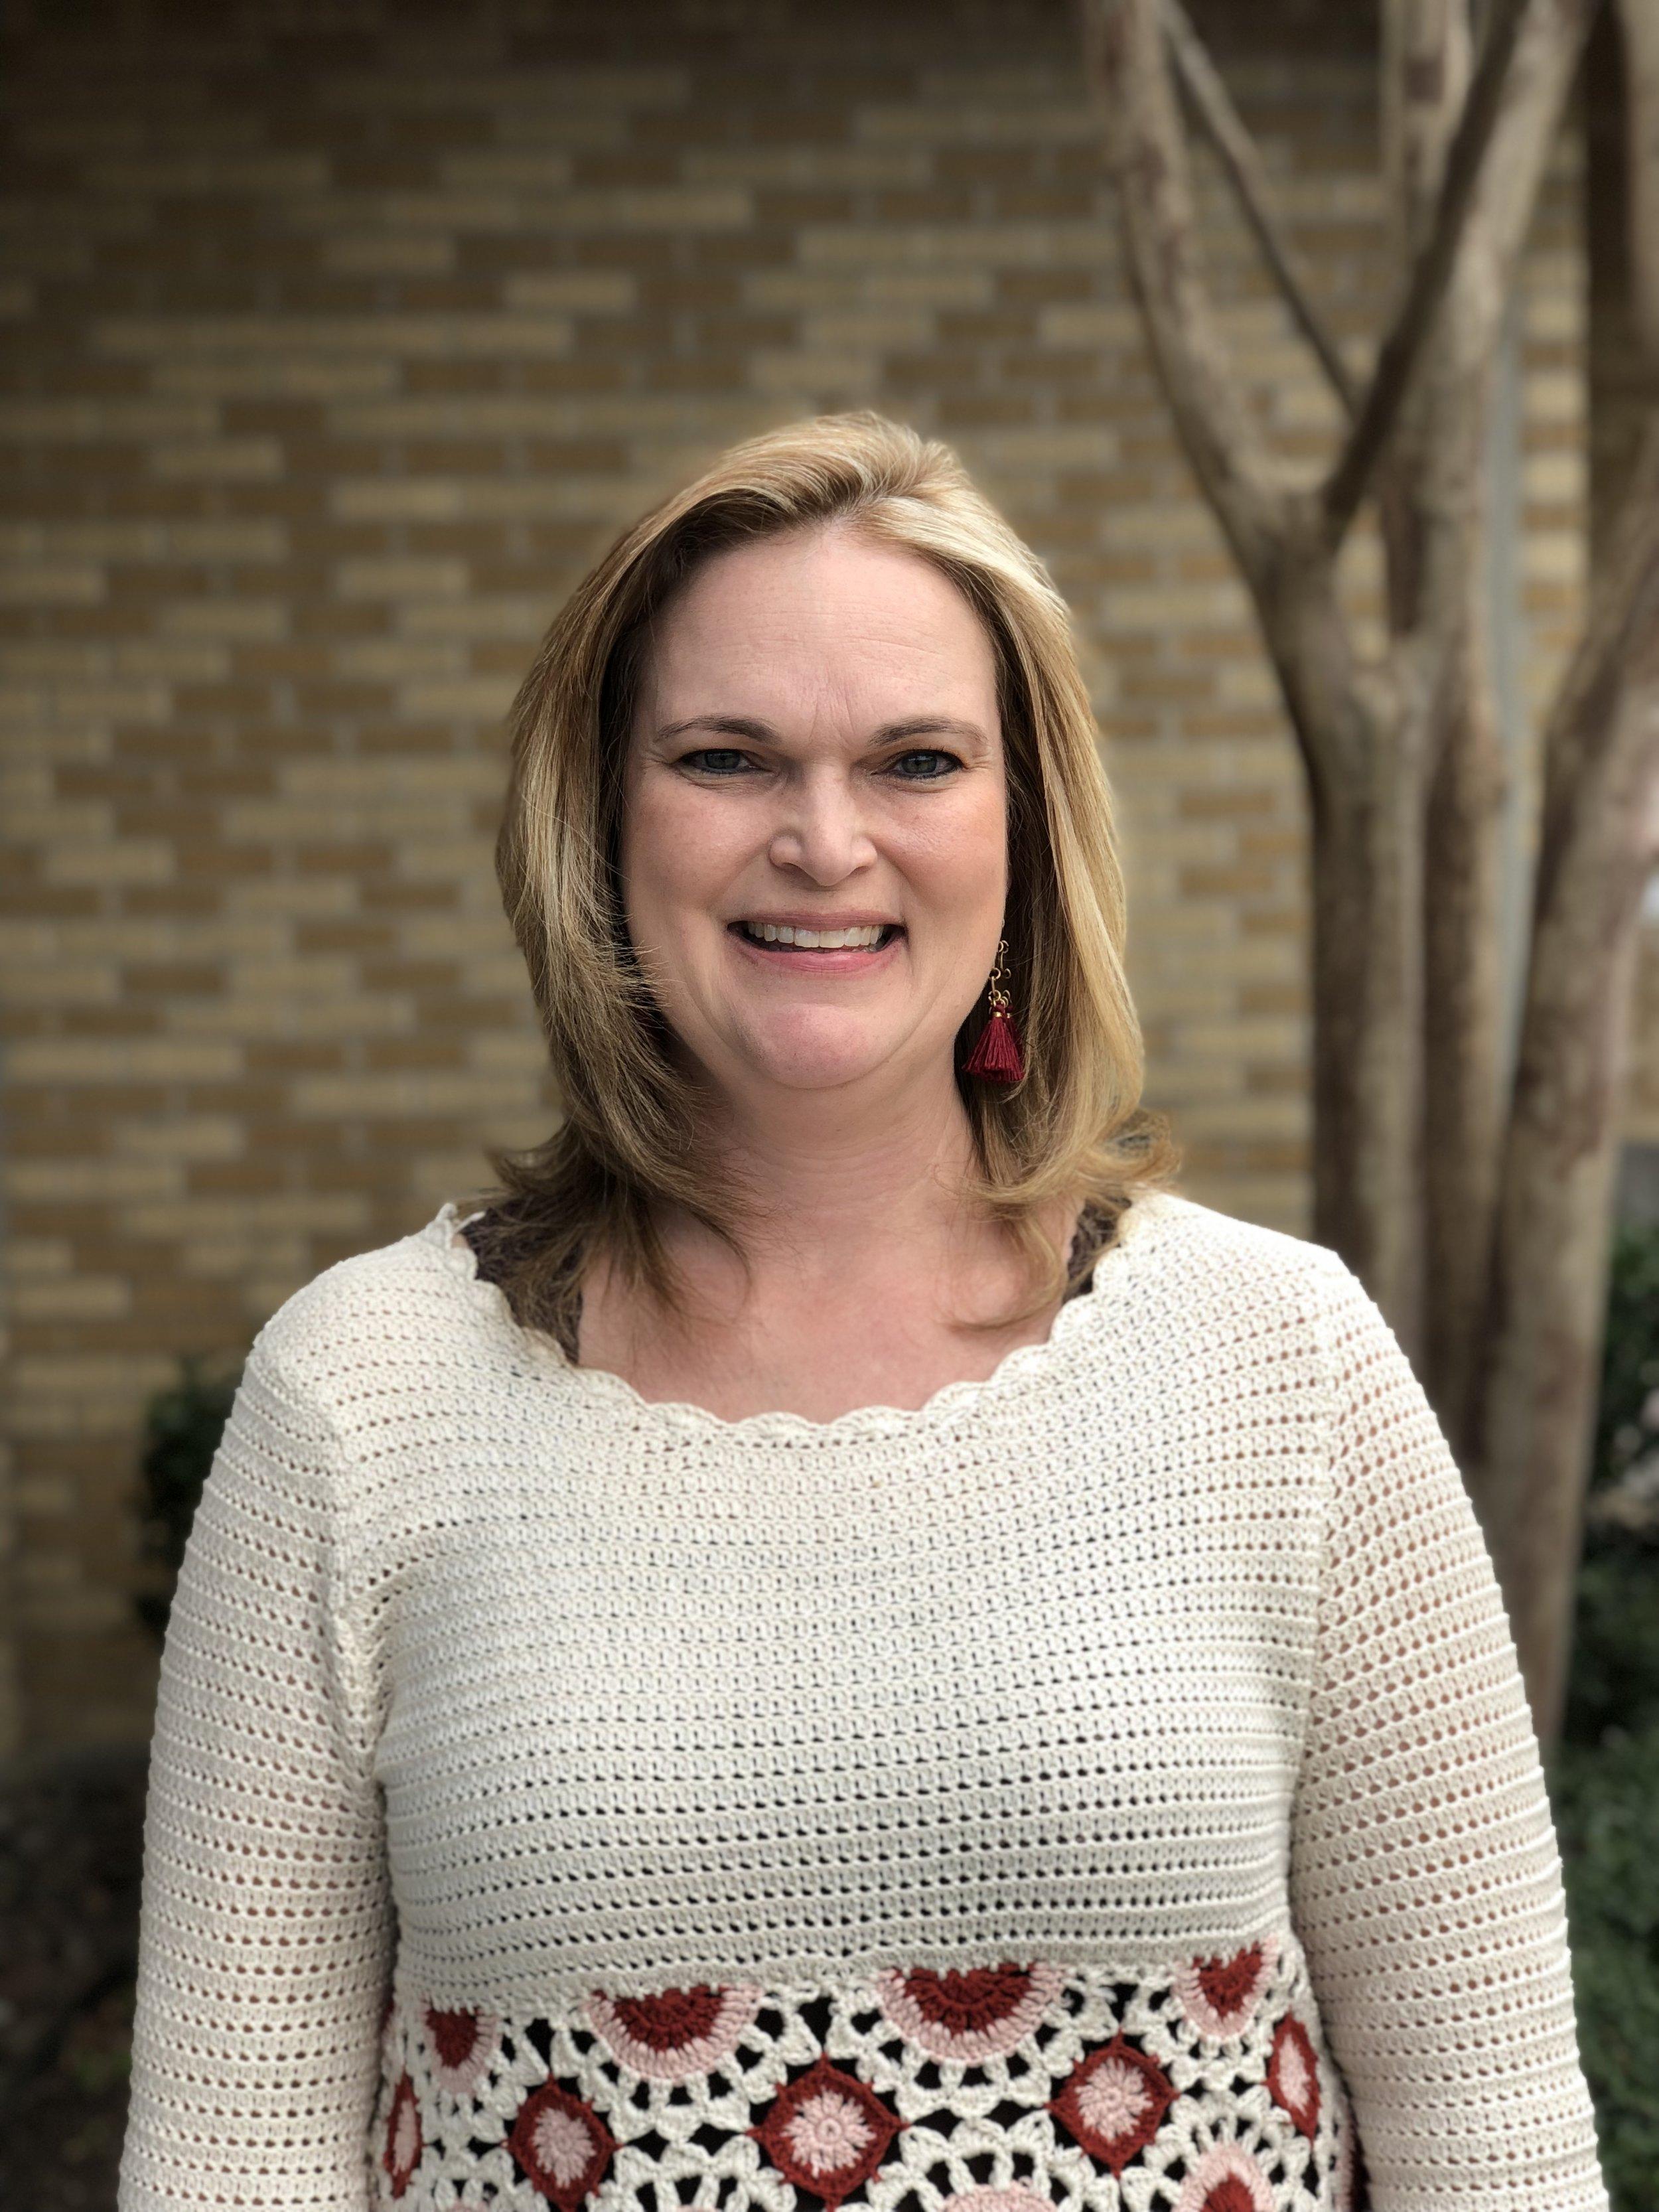 Jennifer Howington - Minister of Preschool/ChildrenSeptember 2011-present